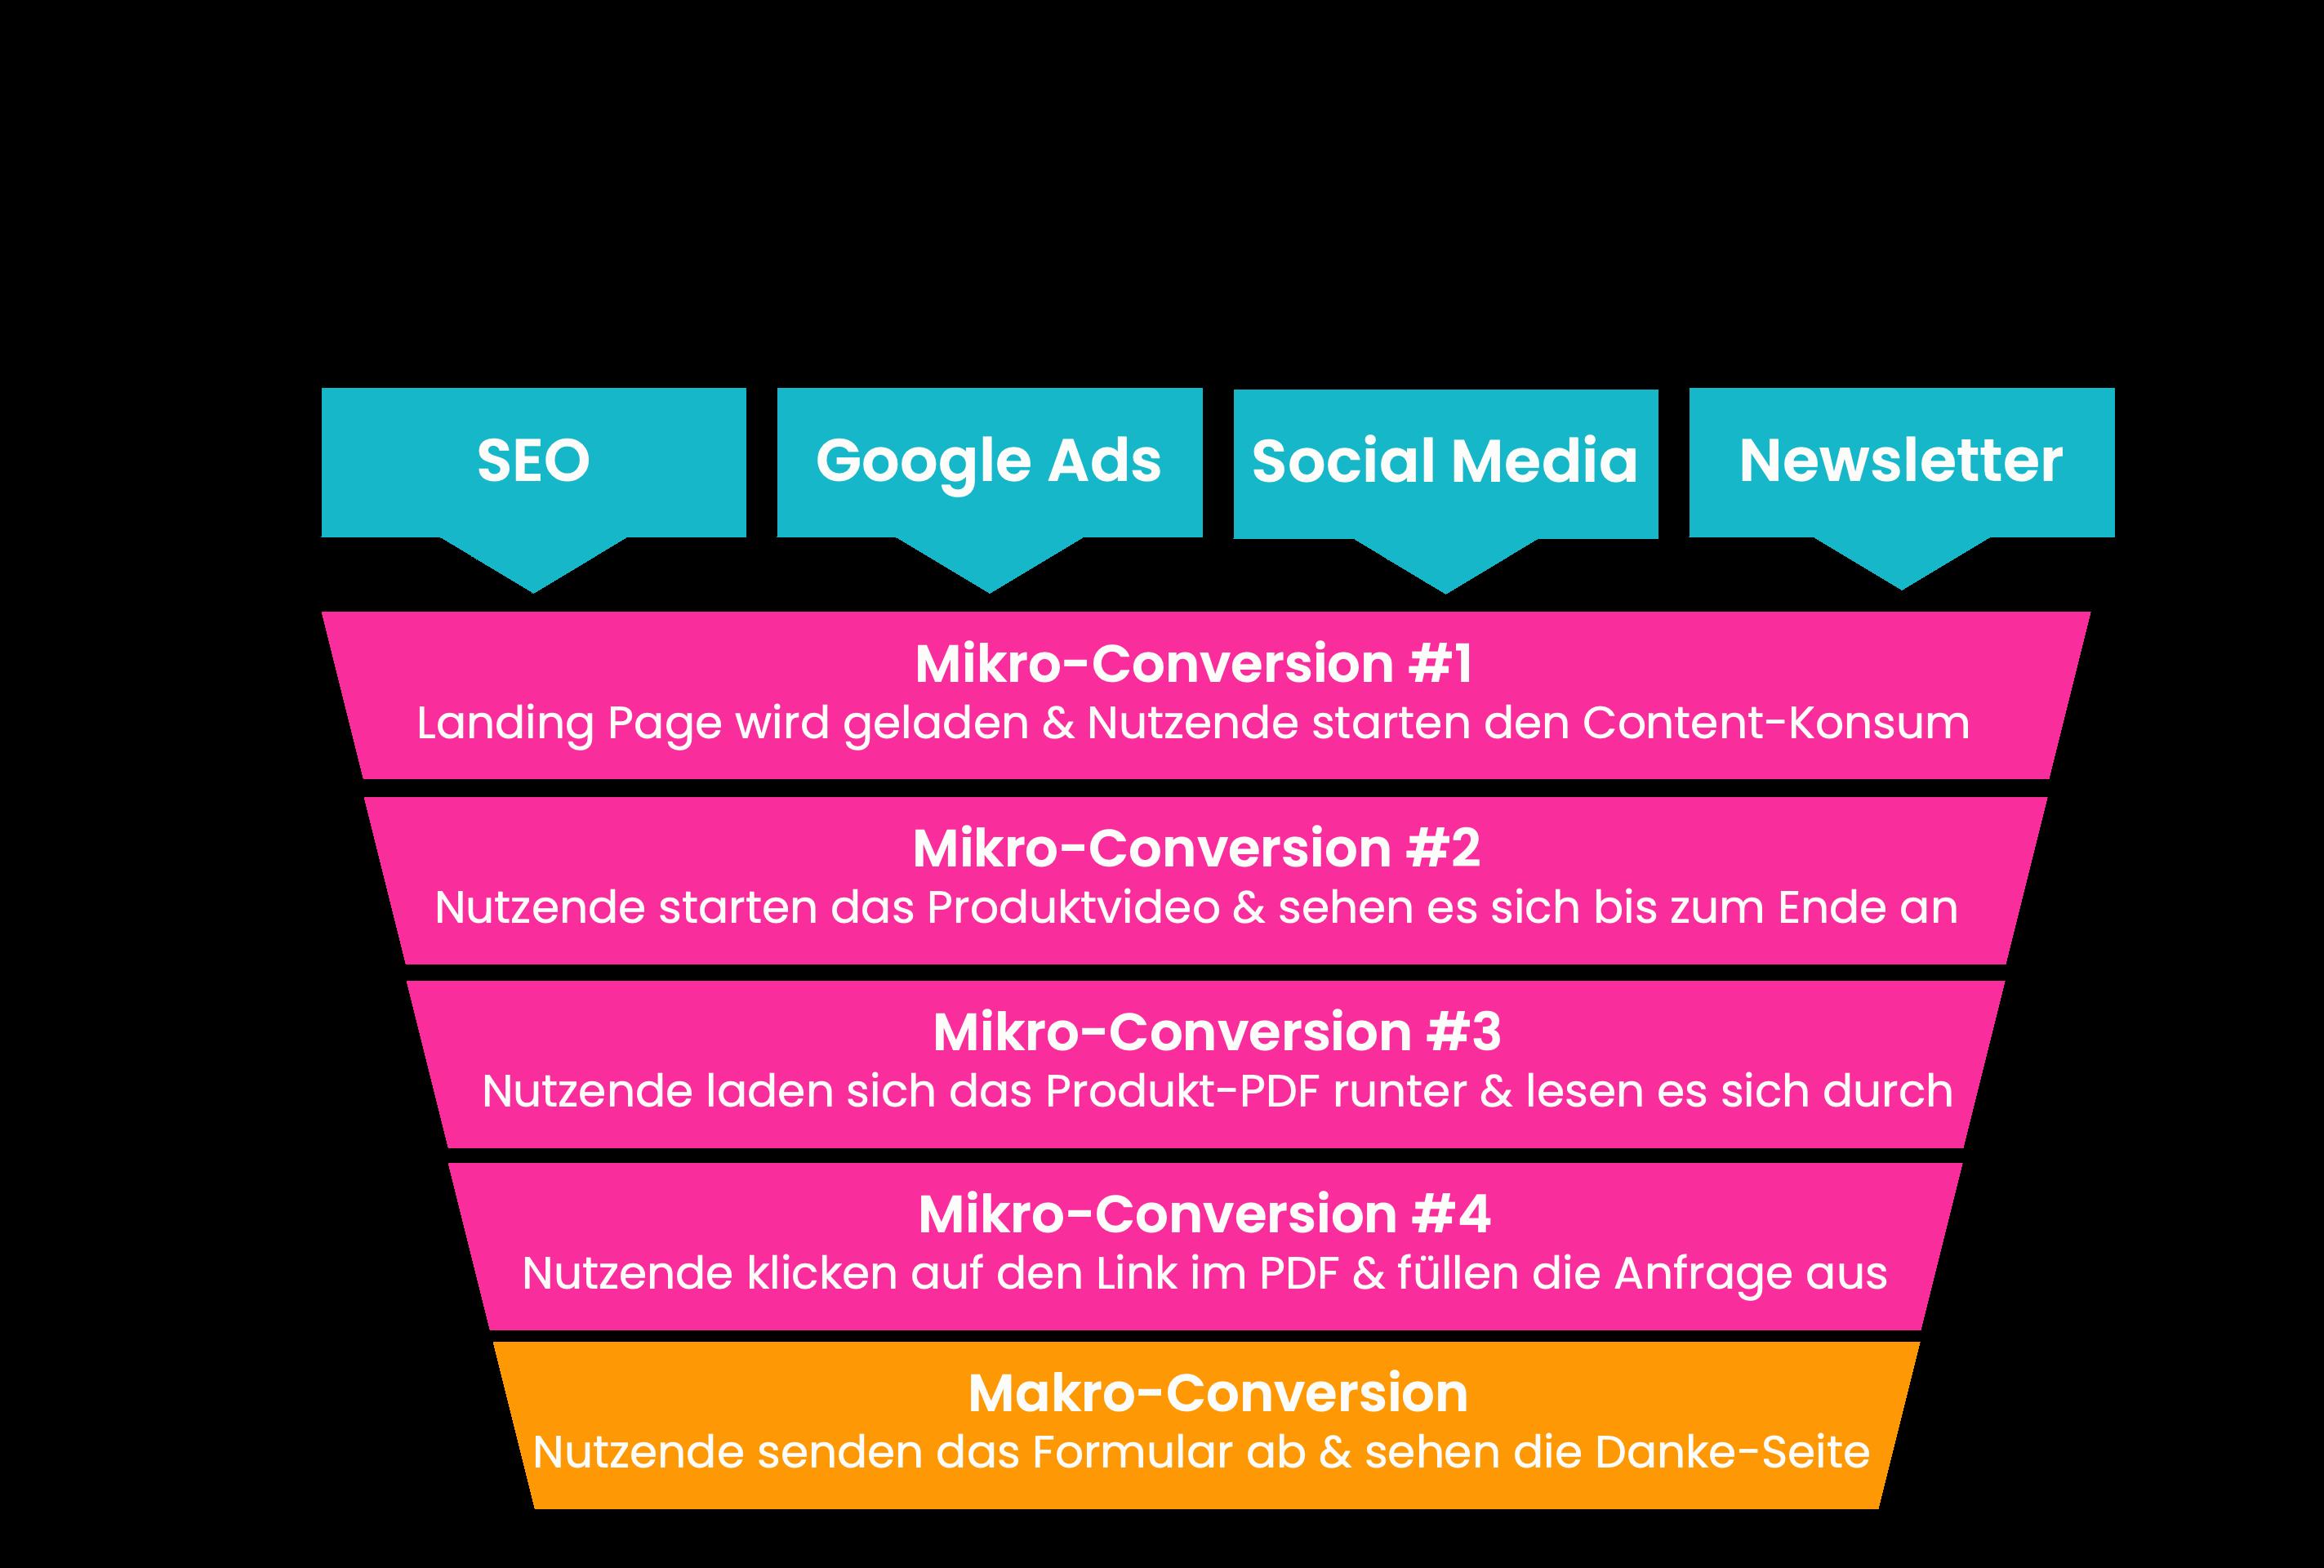 Was ist der Unterschied zwischen Mikro- und Makro-Conversions?